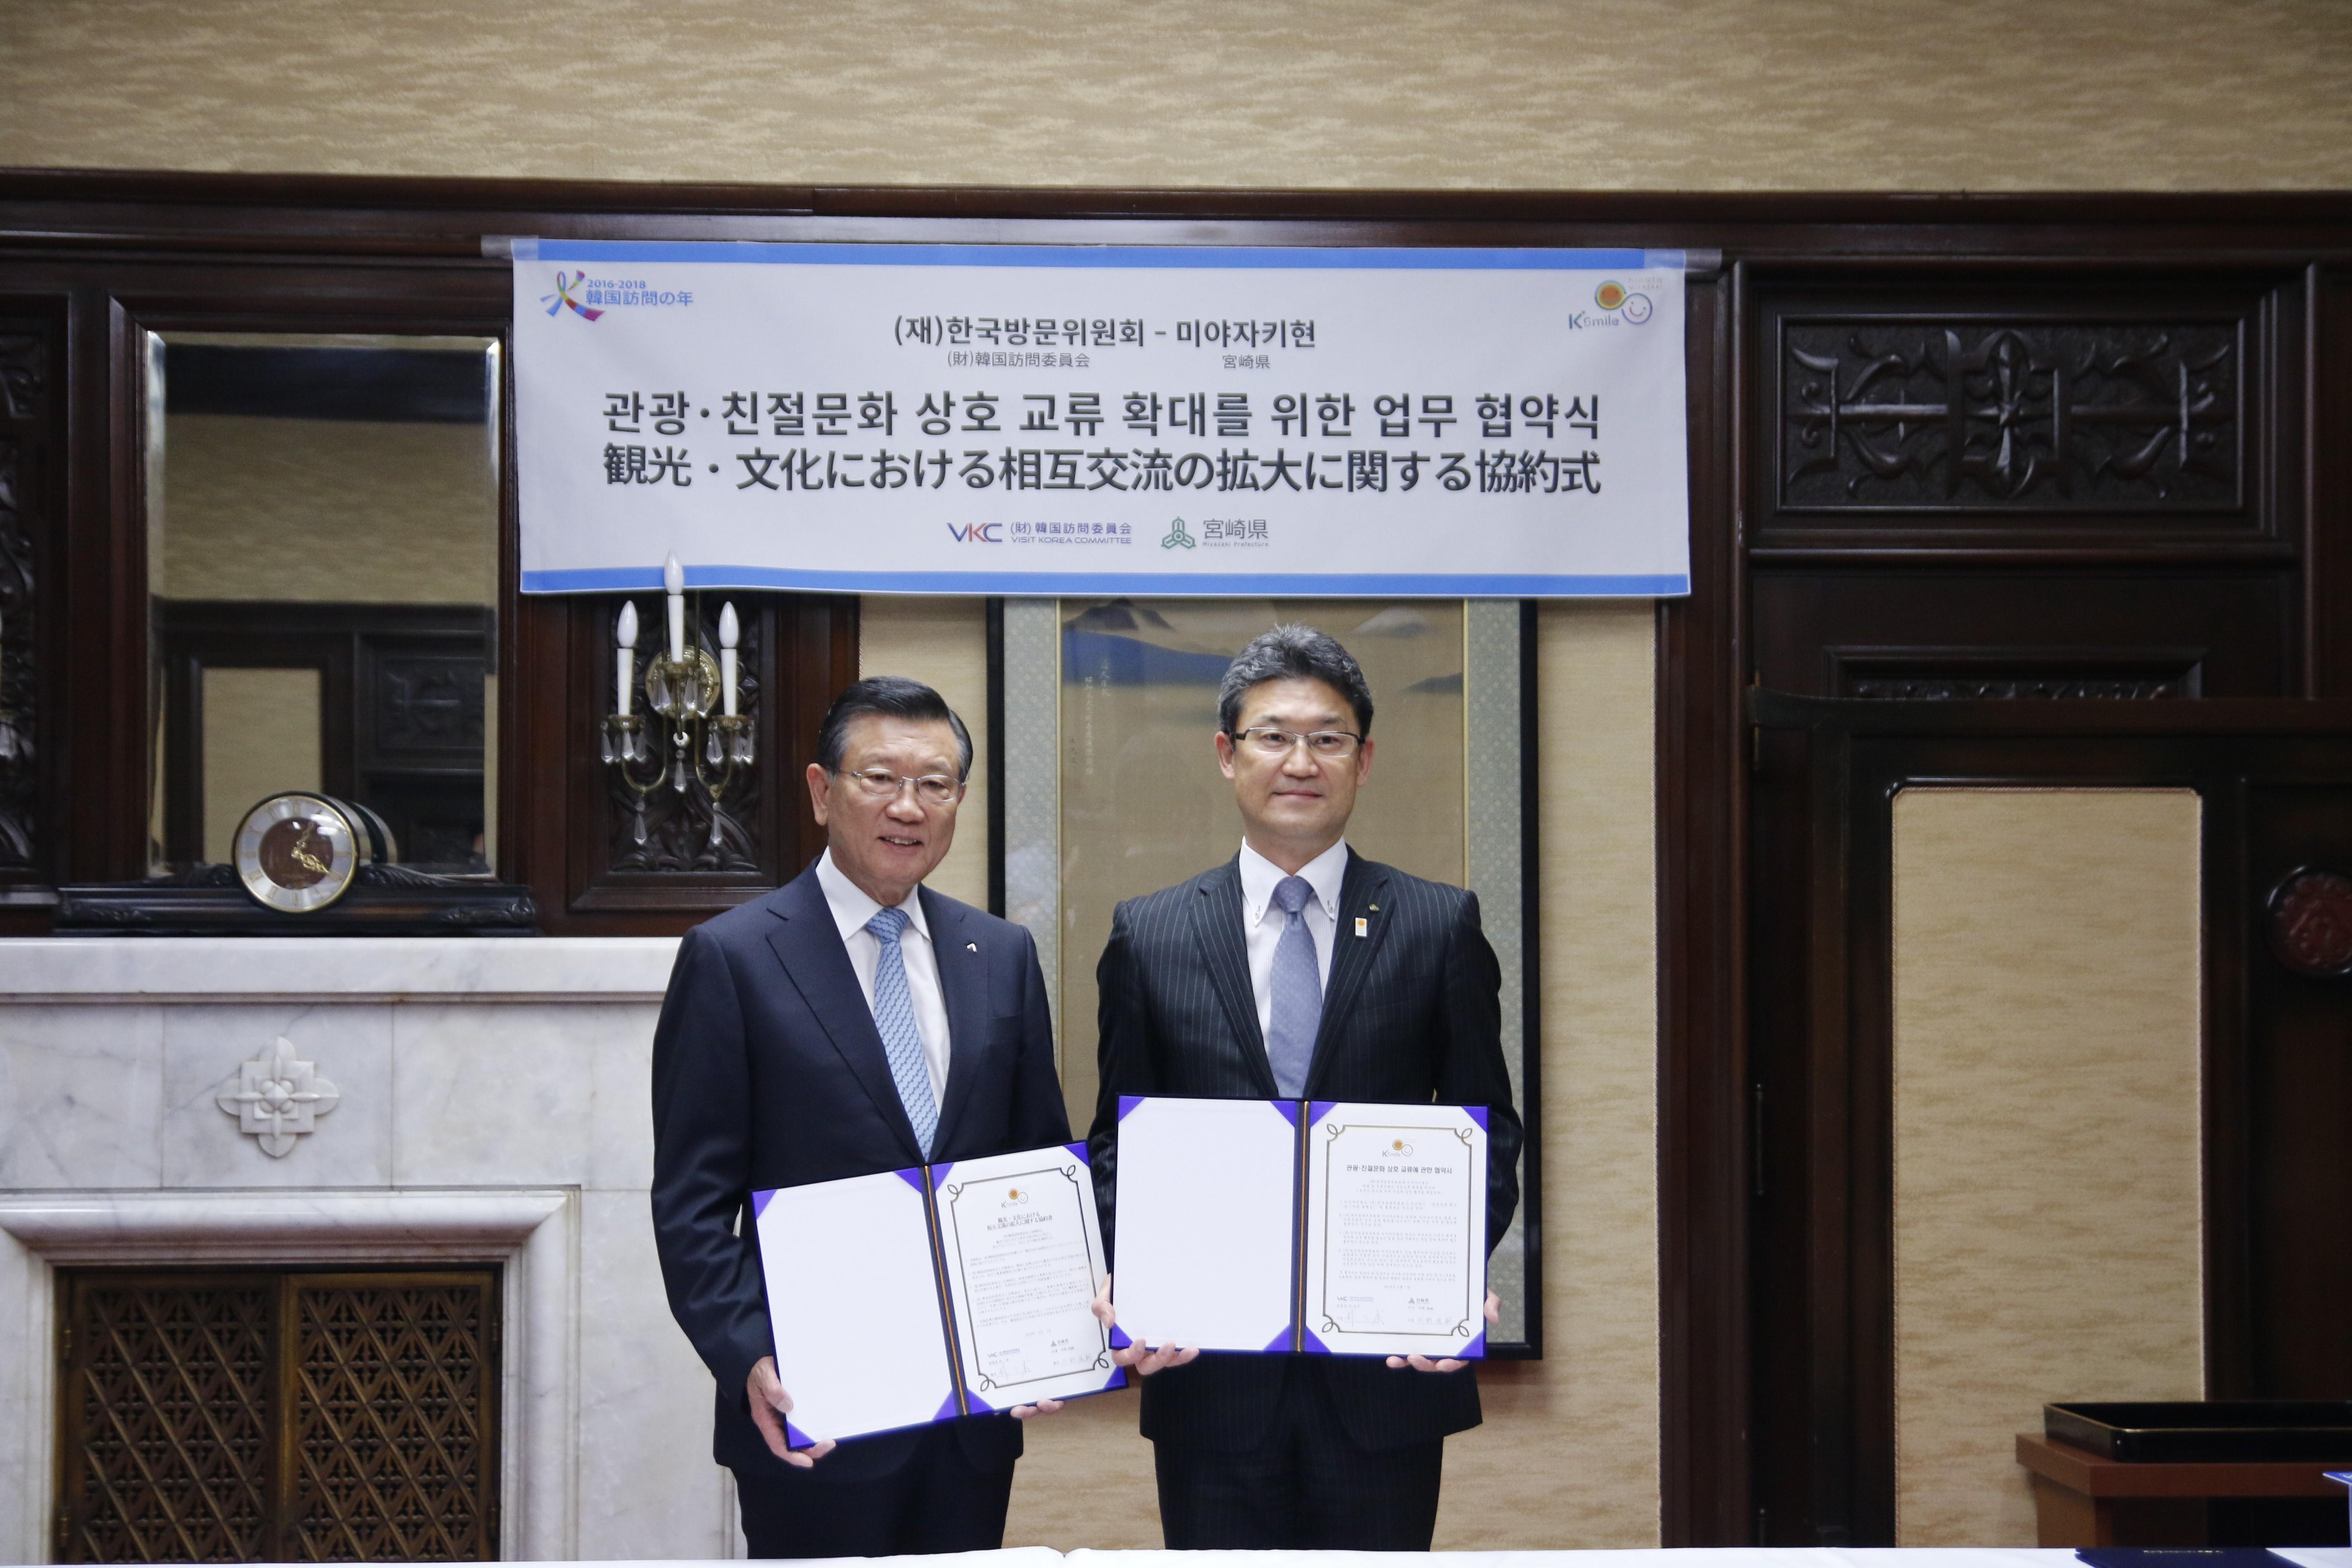 """El Comité de Visita a Corea firmó un acuerdo con la Prefectura de Miyazaki para """"expandir el intercambio mutuo de turismo y ama"""